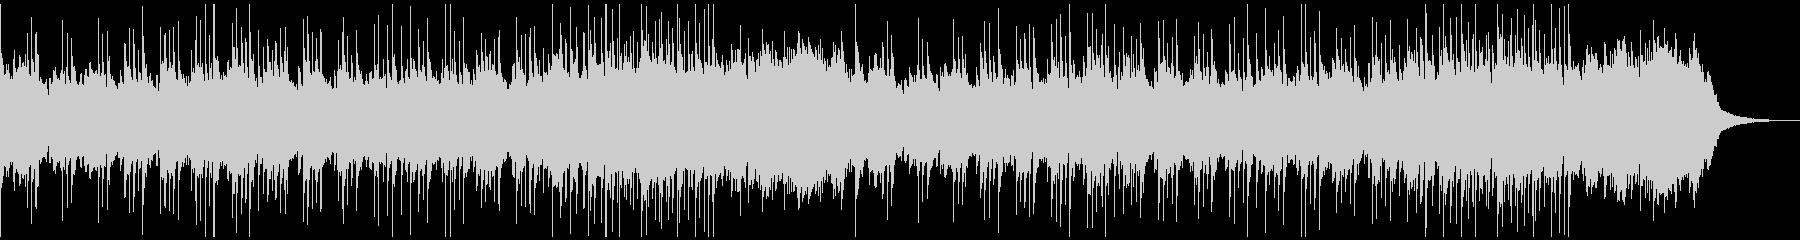 津軽三味線×オーケストラの壮大なバラードの未再生の波形